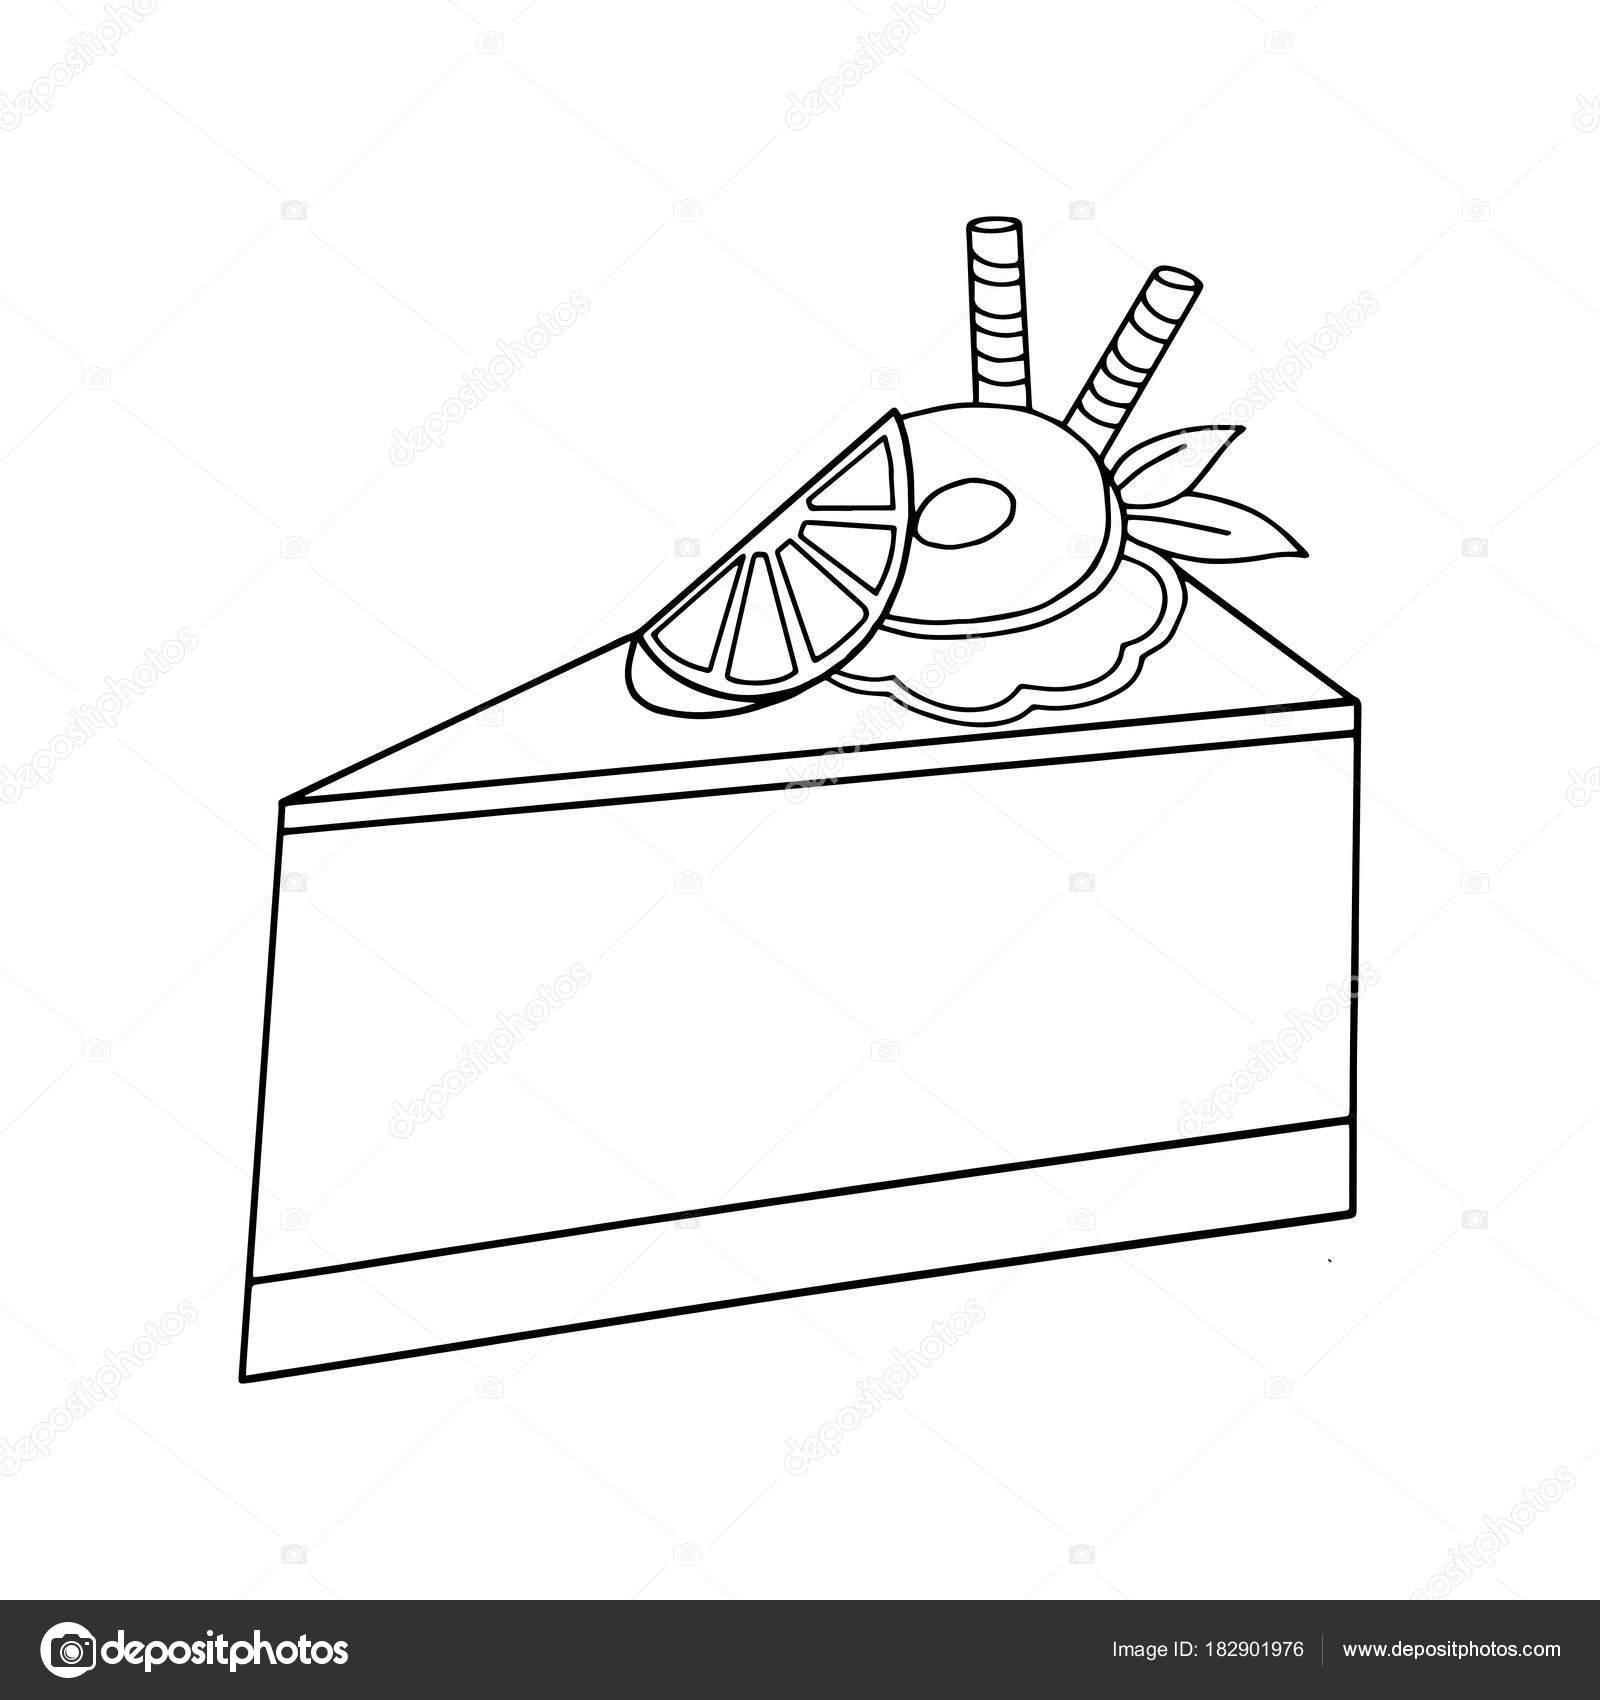 Niedlichen Cartoon Stuck Kuchen Auf Weissem Hintergrund Fur Kinder